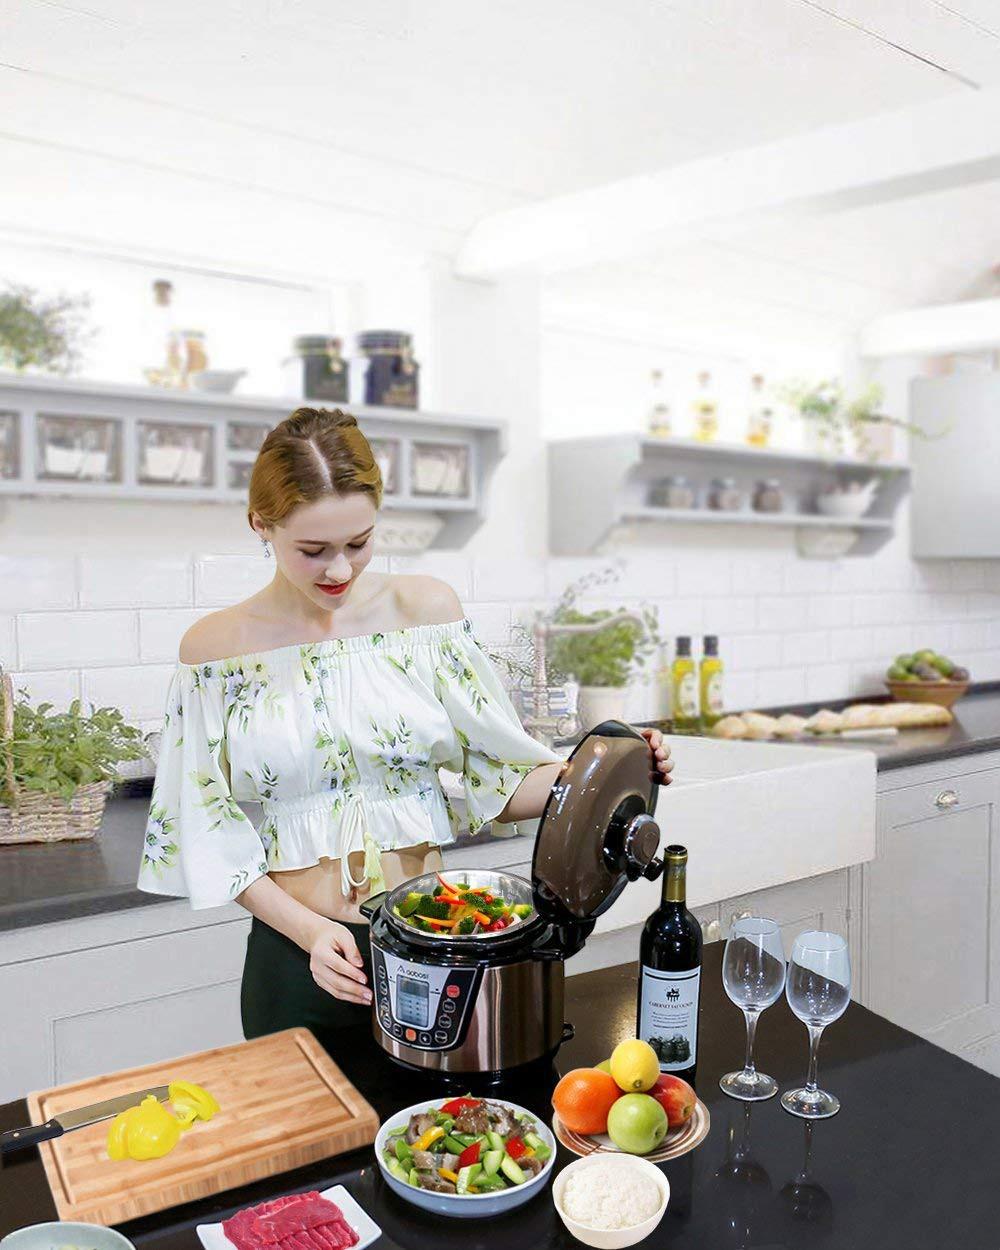 Gợi ý 8 loại nồi hầm thực phẩm giúp bạn nhàn nhã nấu đủ món trong những ngày nắng nóng - Ảnh 16.